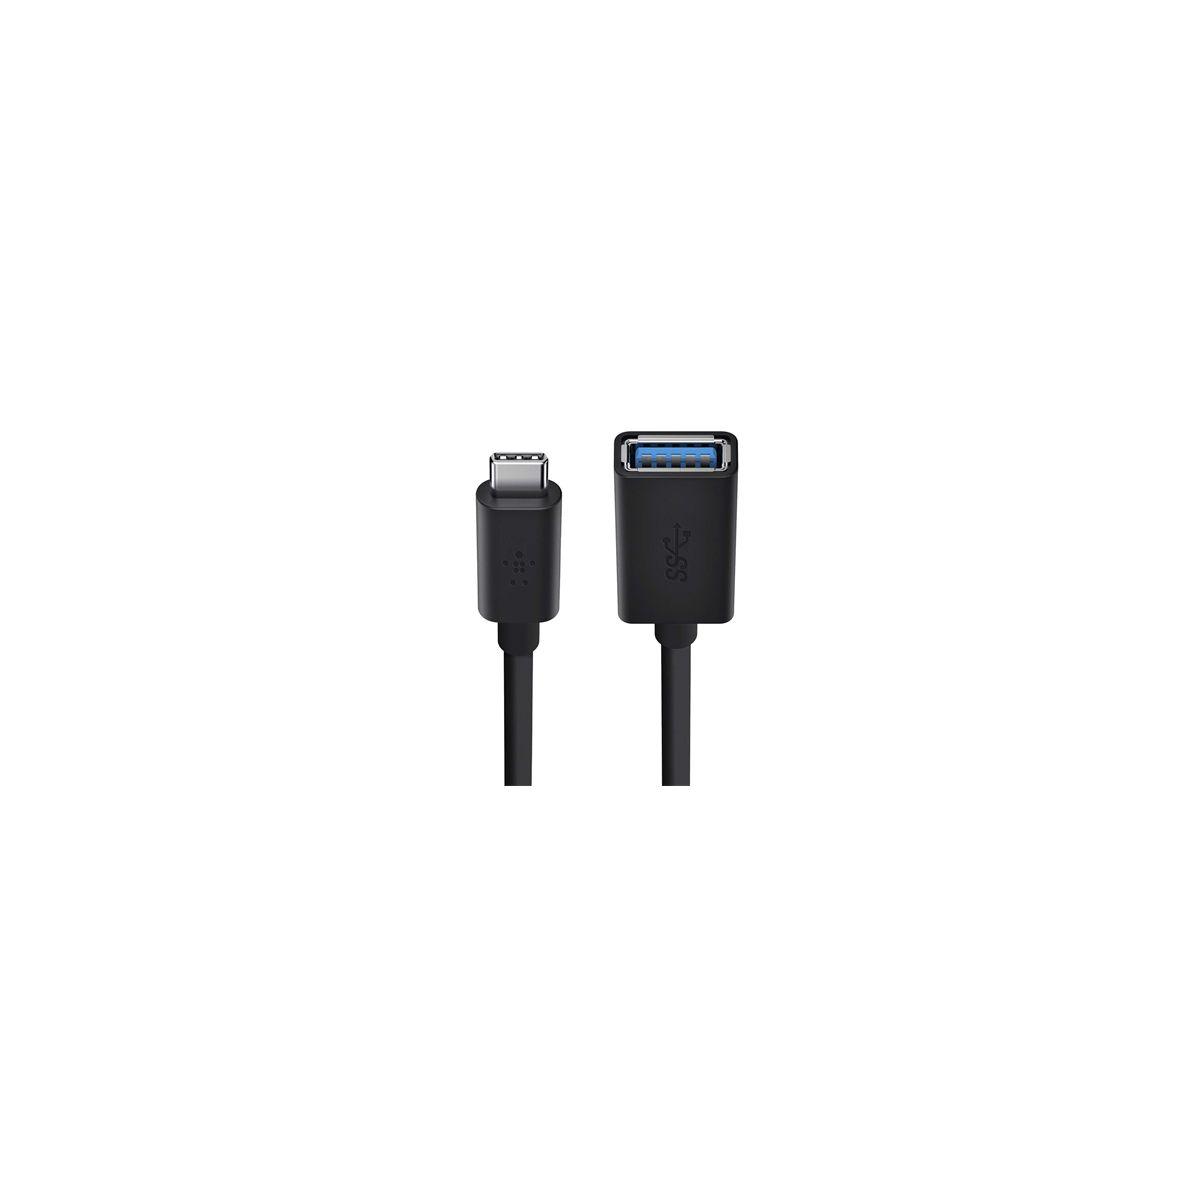 Adaptateur USB C BELKIN USB-C / USB-A (photo)